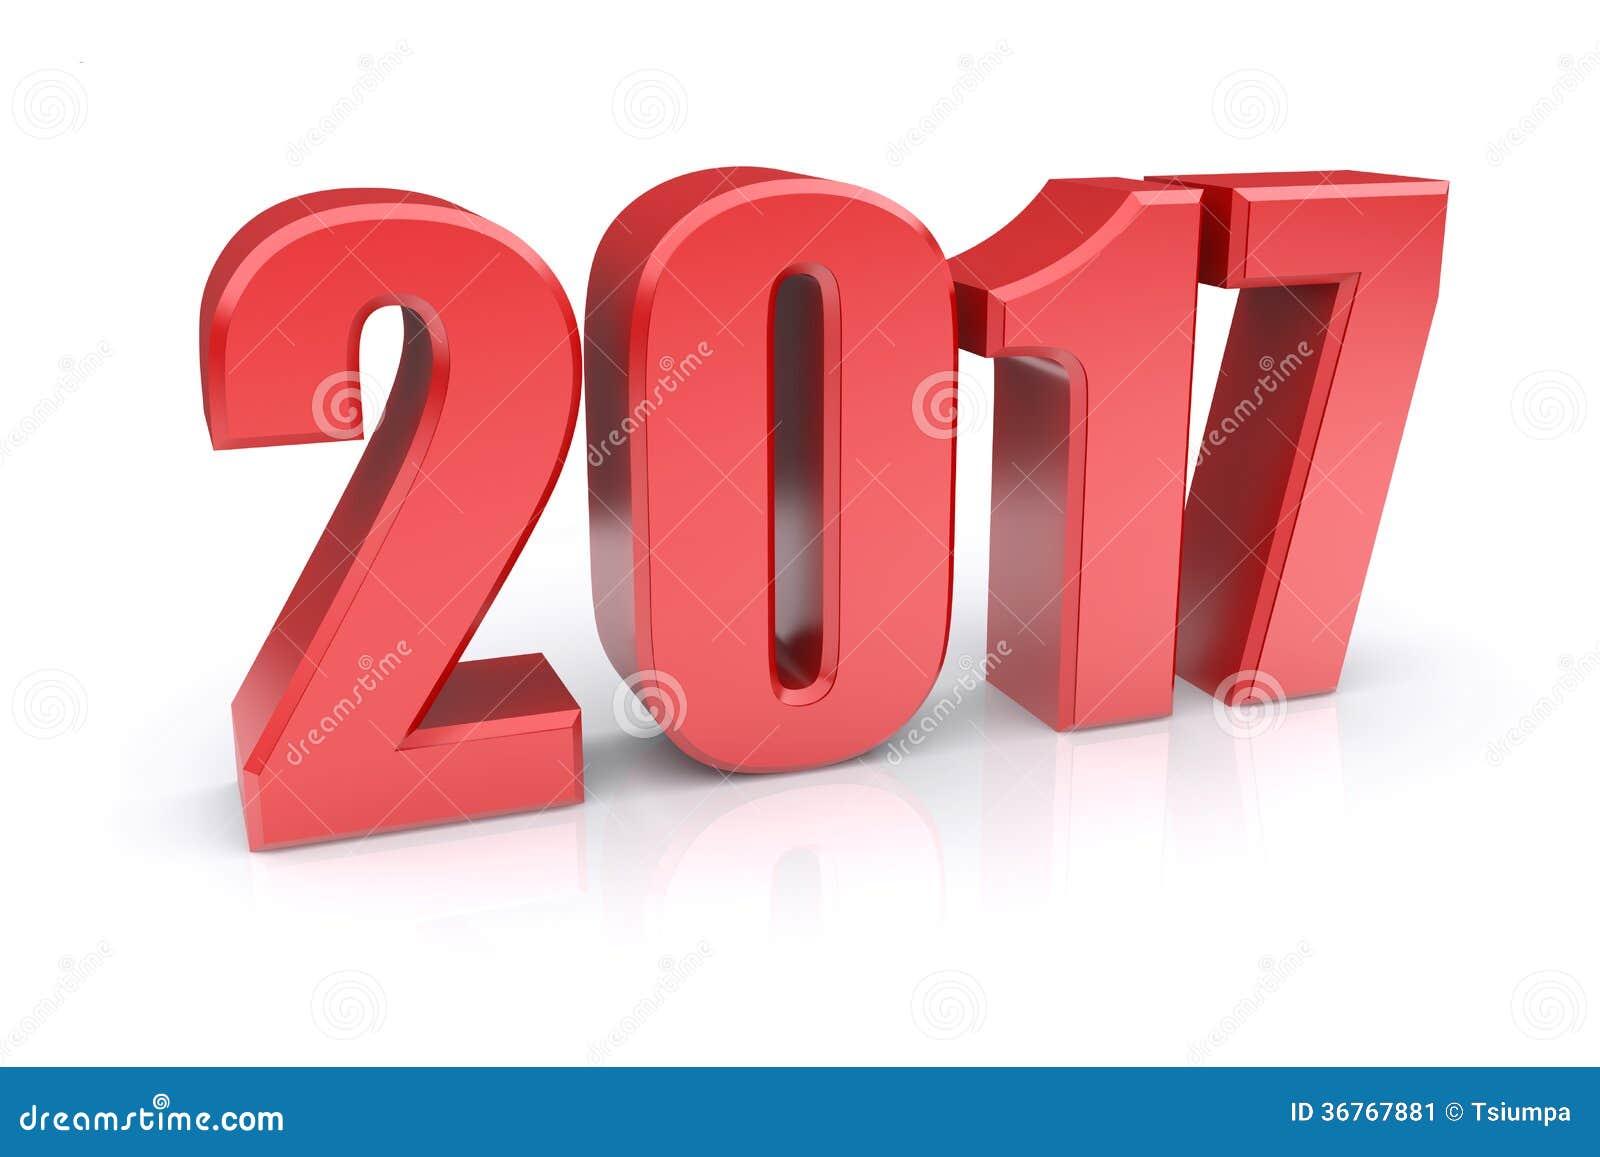 2017 Year Stock Image - Image: 36767881